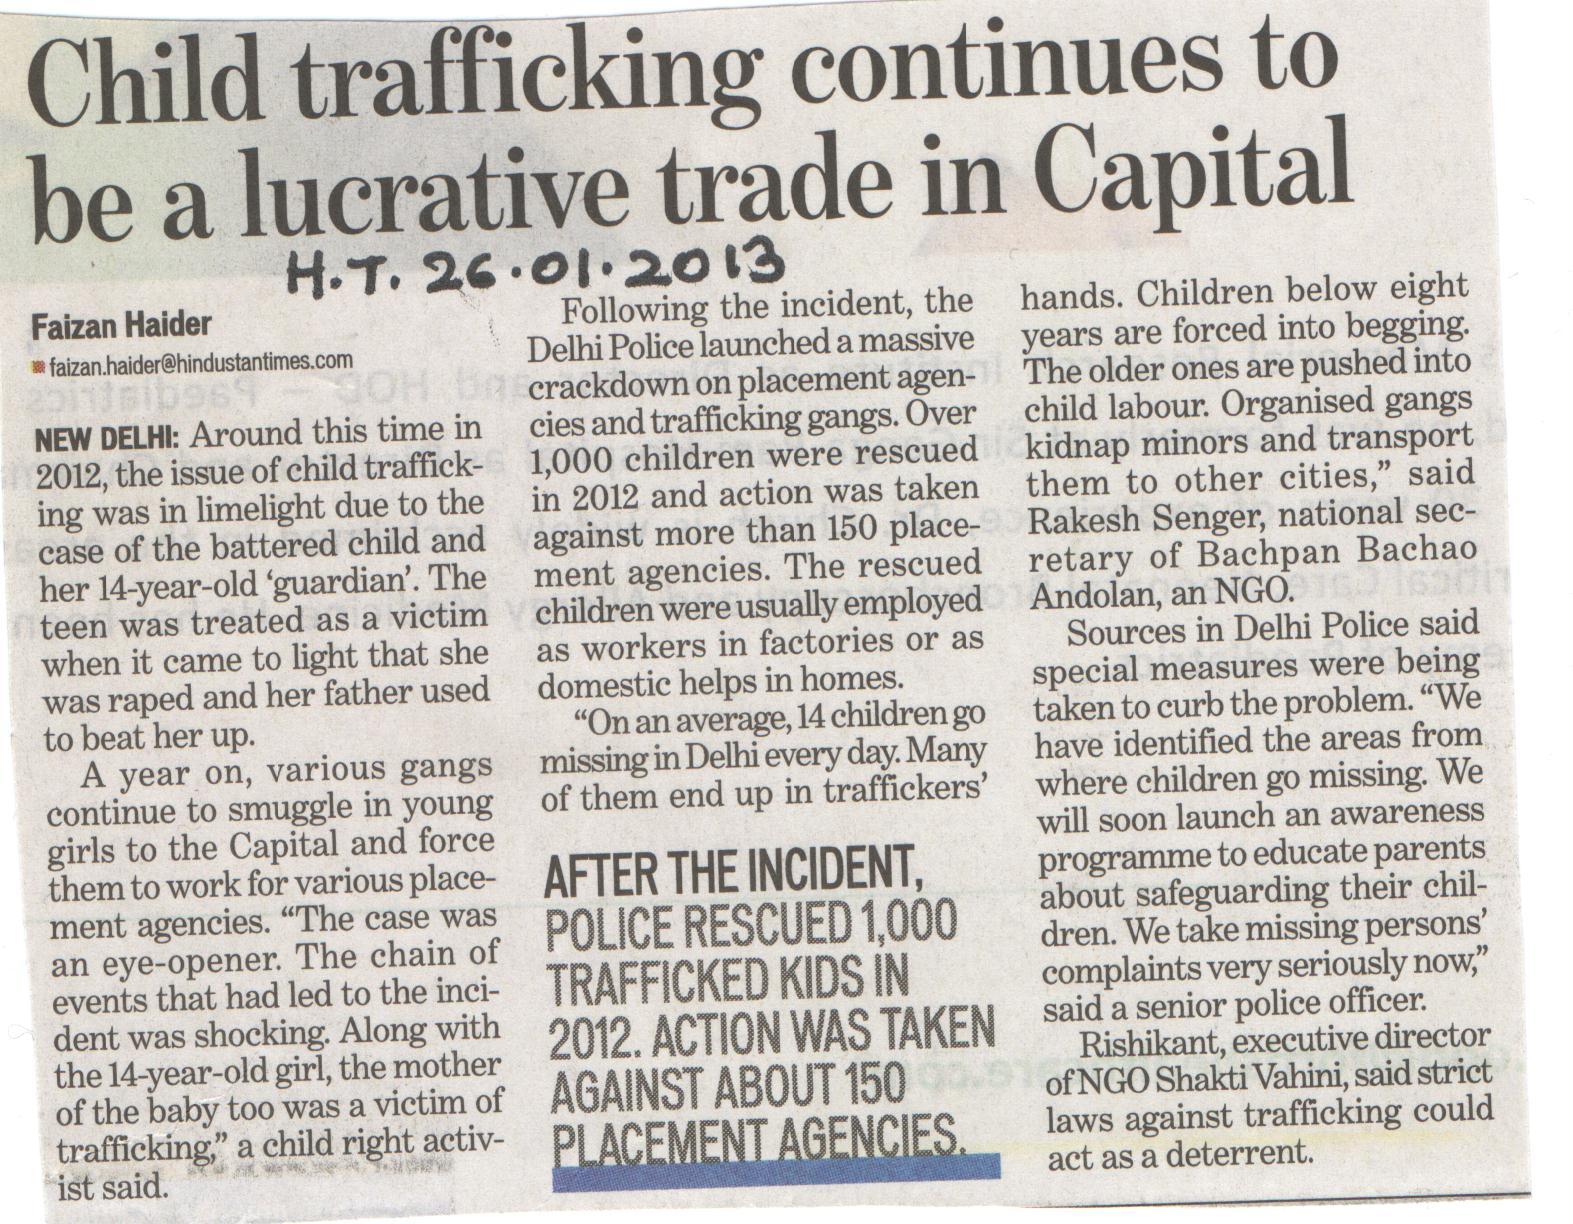 5 Ways to Reduce Human Trafficking | ecospirituality resources